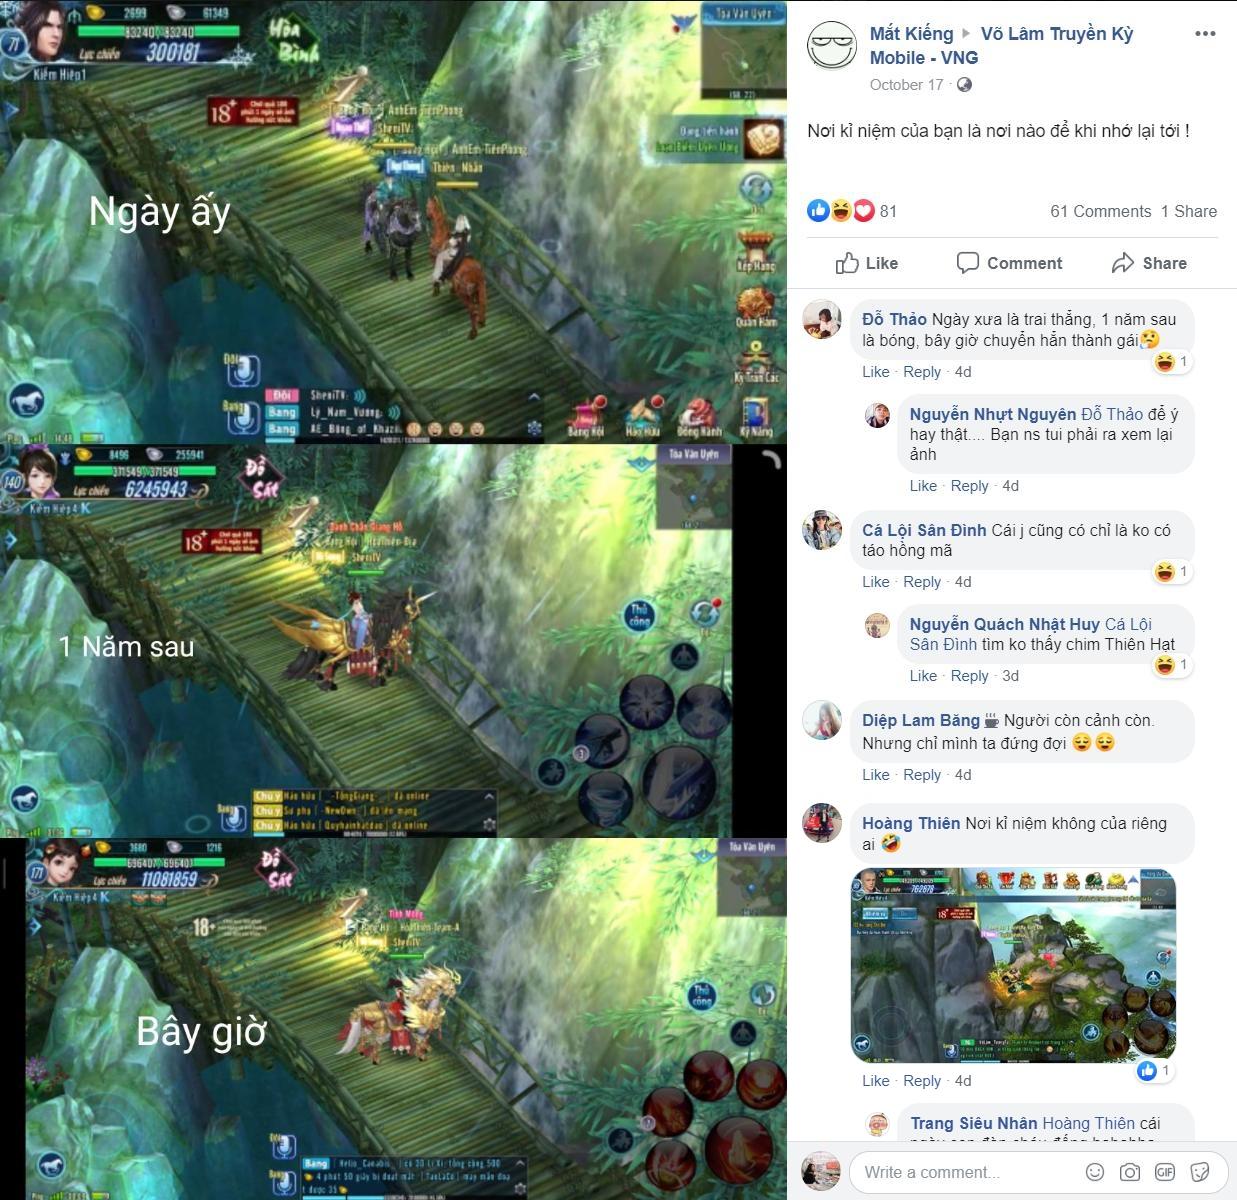 Nghe game thủ Võ Lâm Truyền Kỳ Mobile kể chuyện ba năm - Hình 2